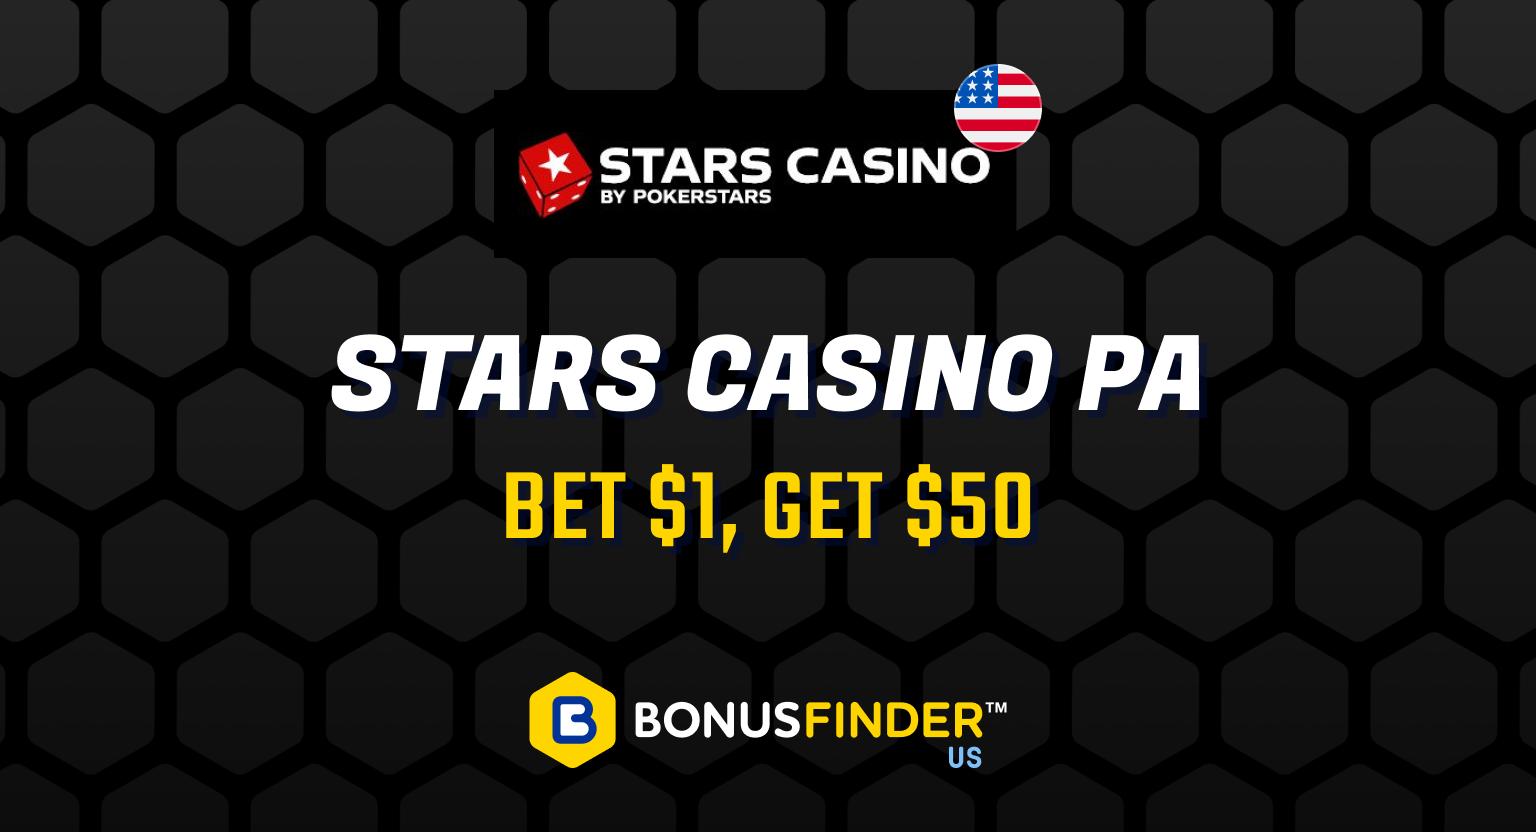 Stars Casino PA